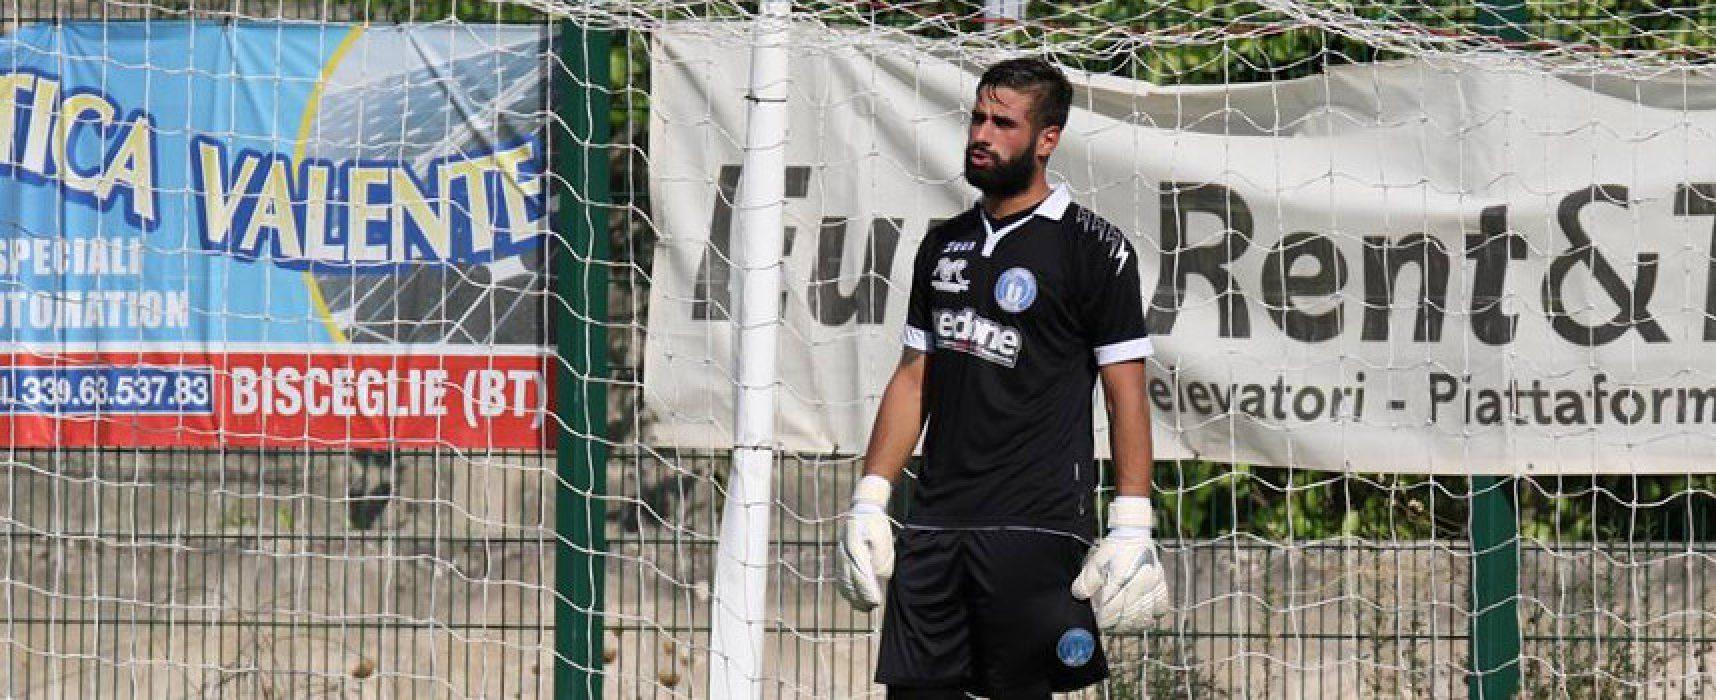 Unione Calcio, secco kappao in Coppa Italia